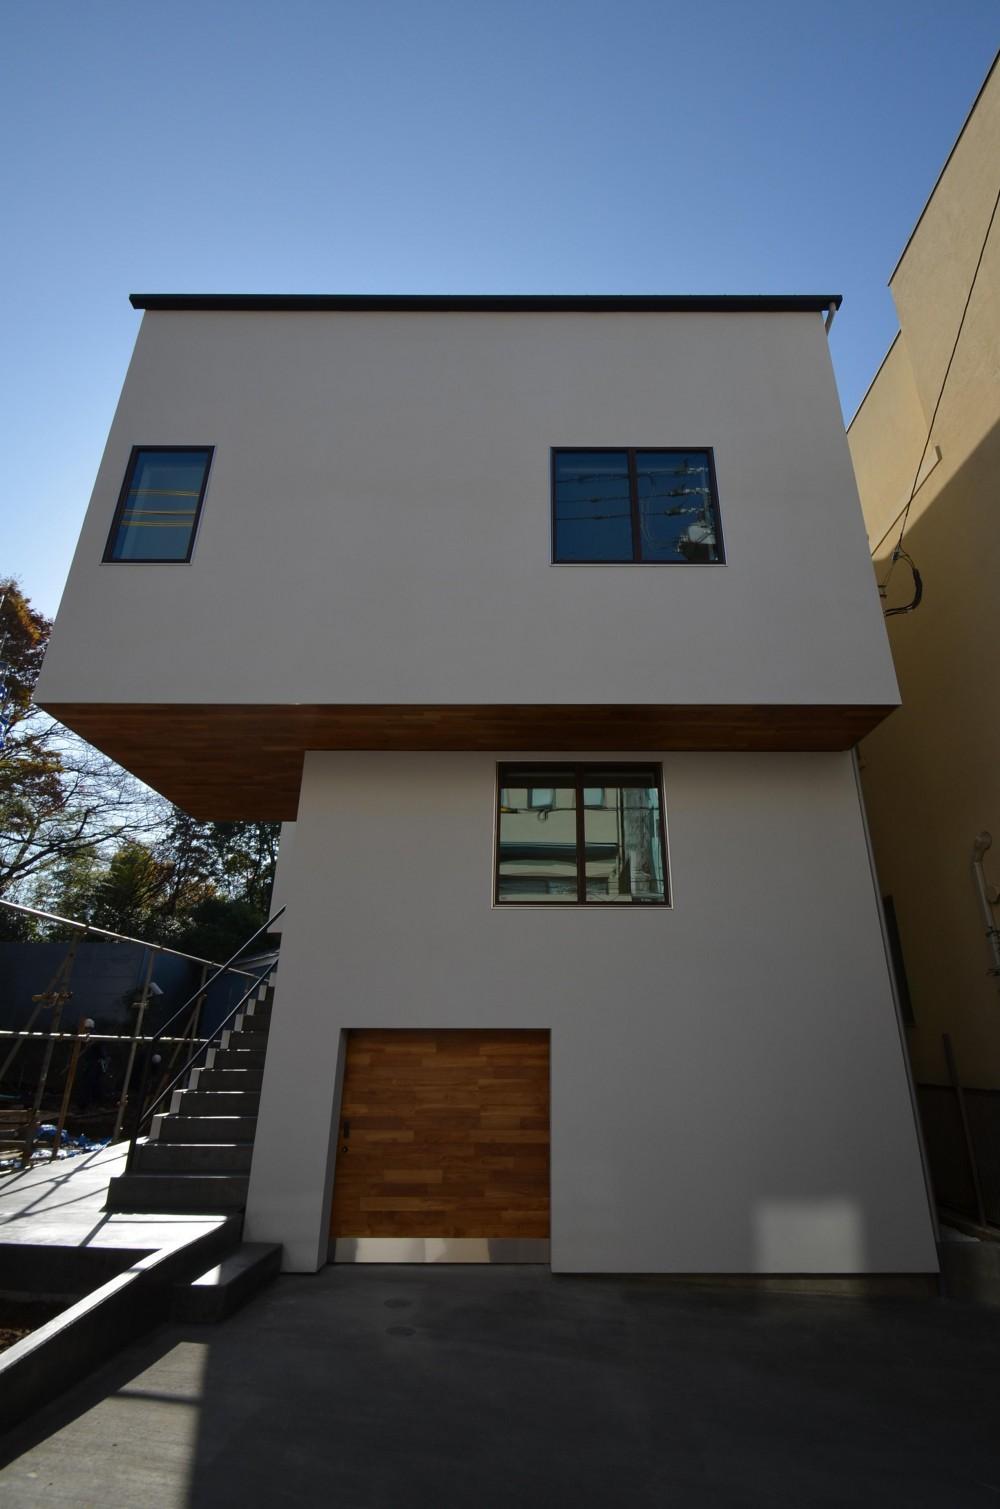 青葉台KM邸-都市公園の緑を借景とするスキップフロアの二世帯住宅- (メインファサード)